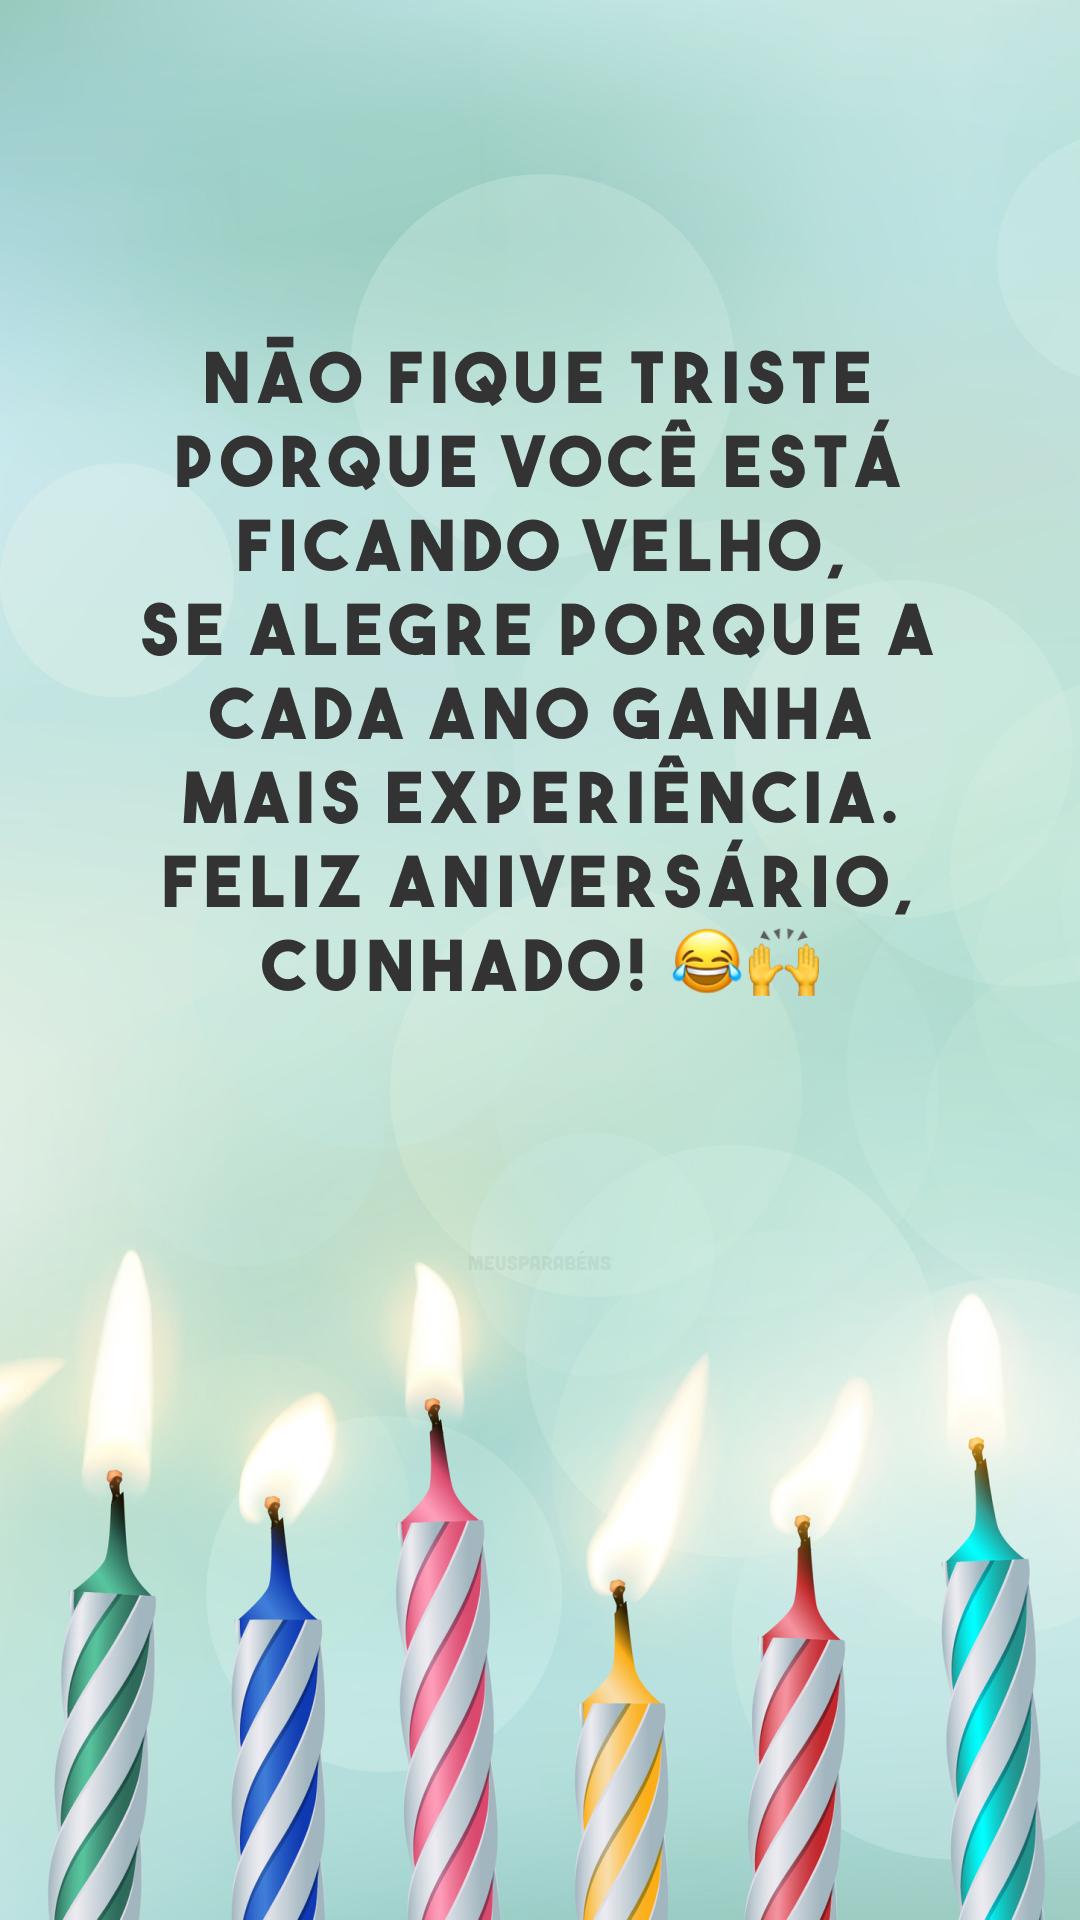 Não fique triste porque você está ficando velho, se alegre porque a cada ano ganha mais experiência. Feliz aniversário, cunhado! 😂🙌